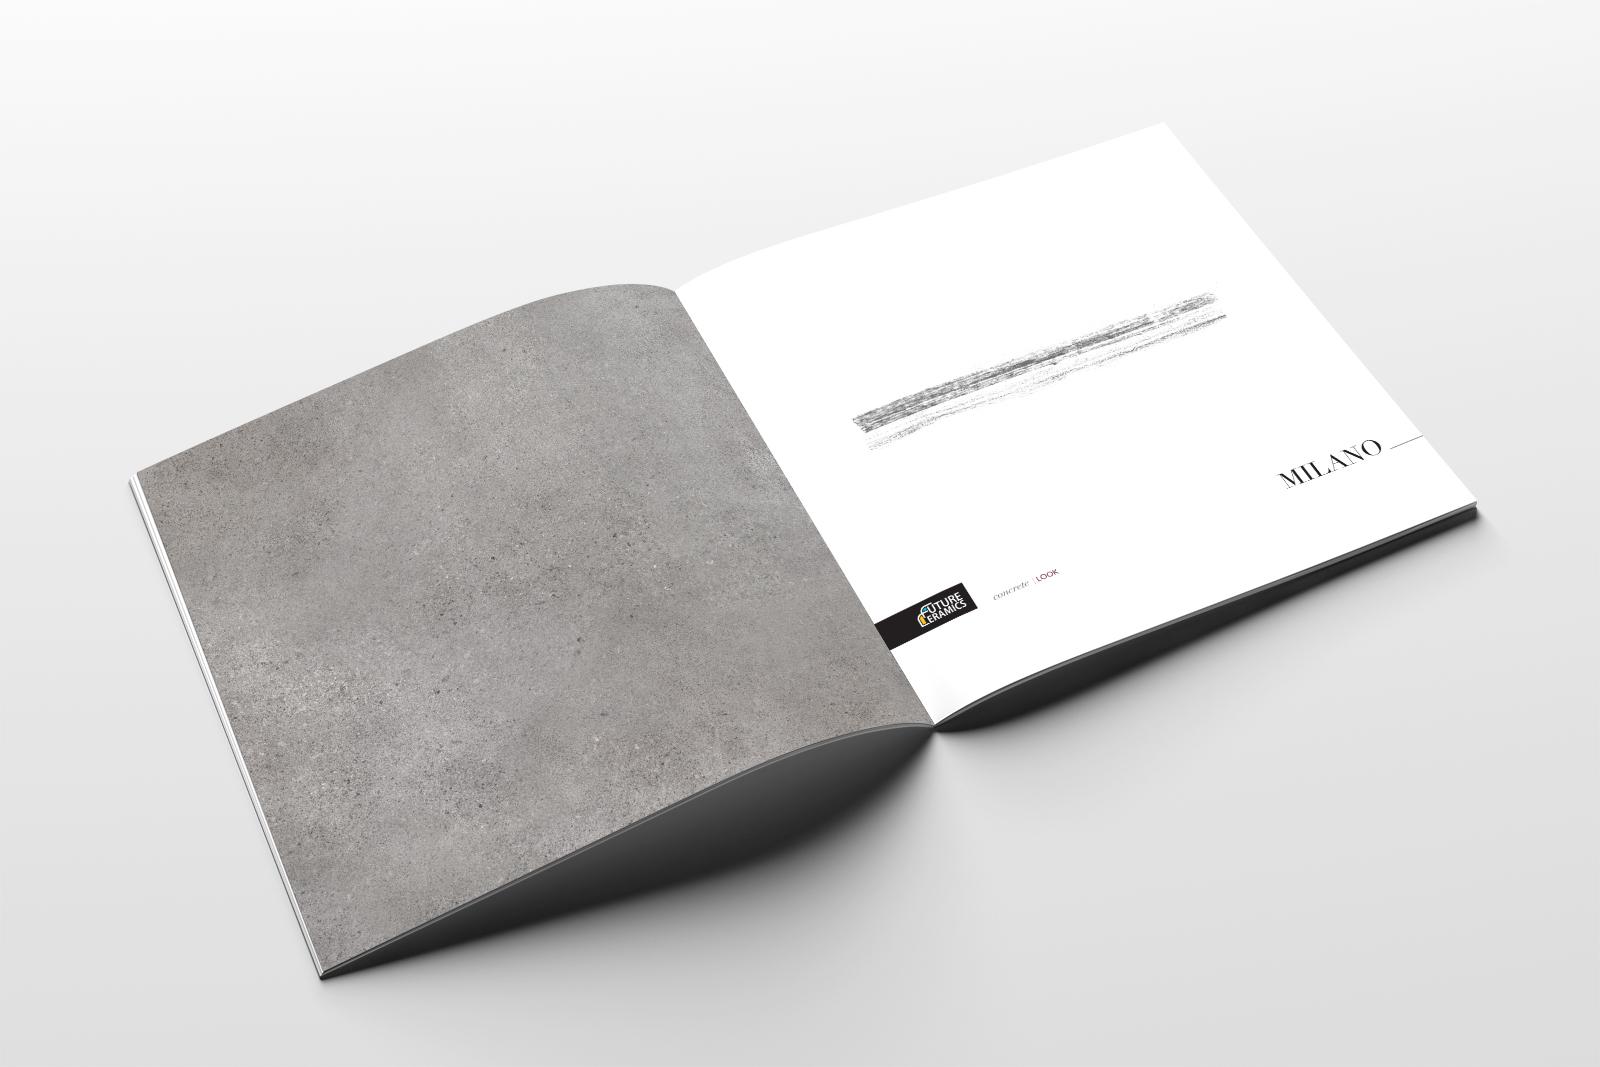 fc-catalogo-milano-01